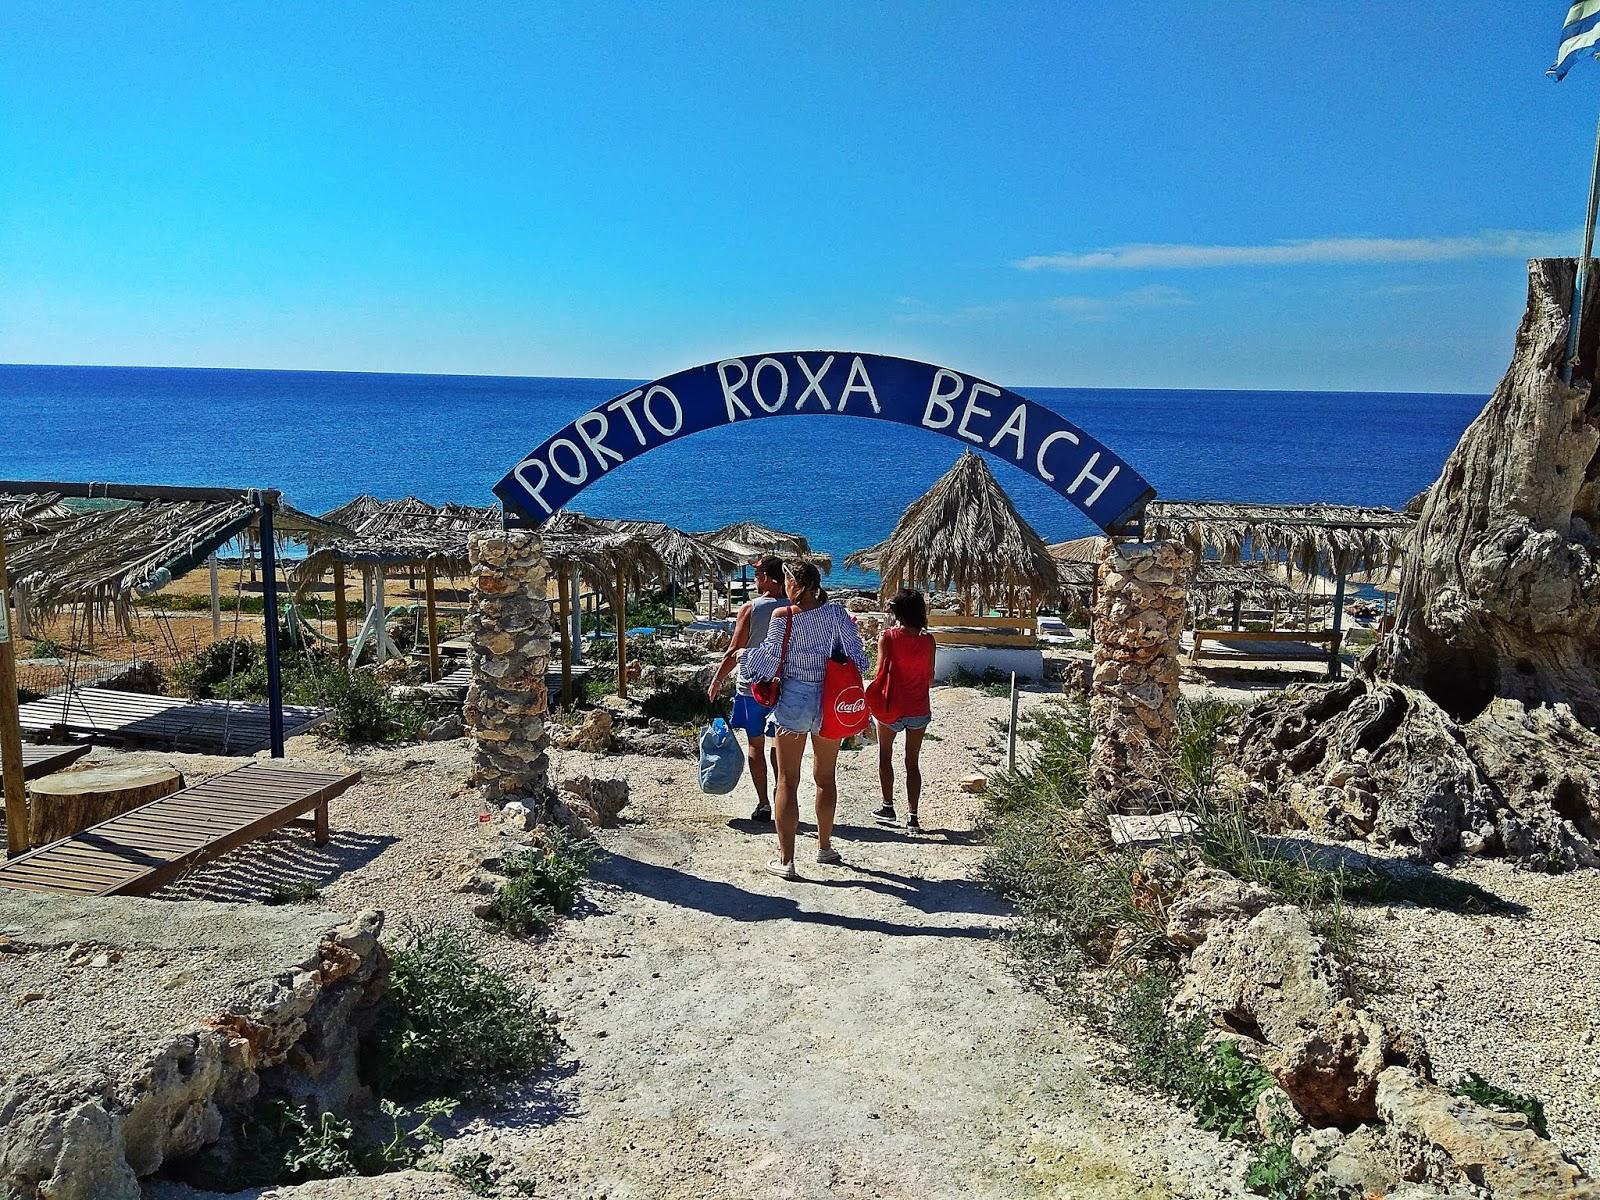 Porto roxa beach zakynthos karyn blog modowy